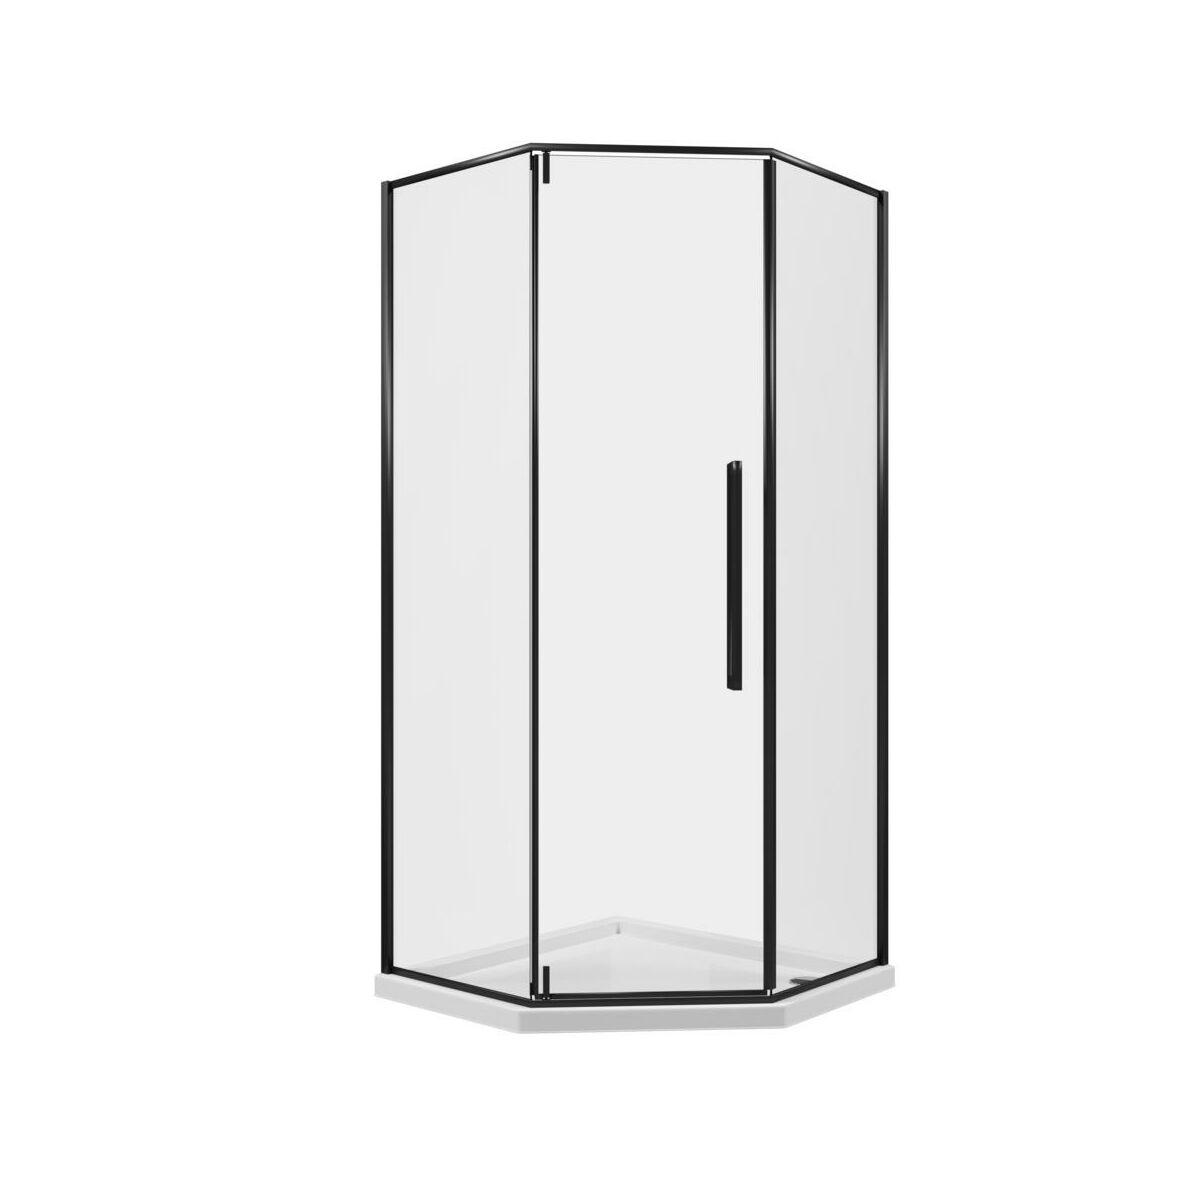 Kabina Prysznicowa 90 X 90 X 195 Bravat Kabiny Prysznicowe W Atrakcyjnej Cenie W Sklepach Leroy Merlin